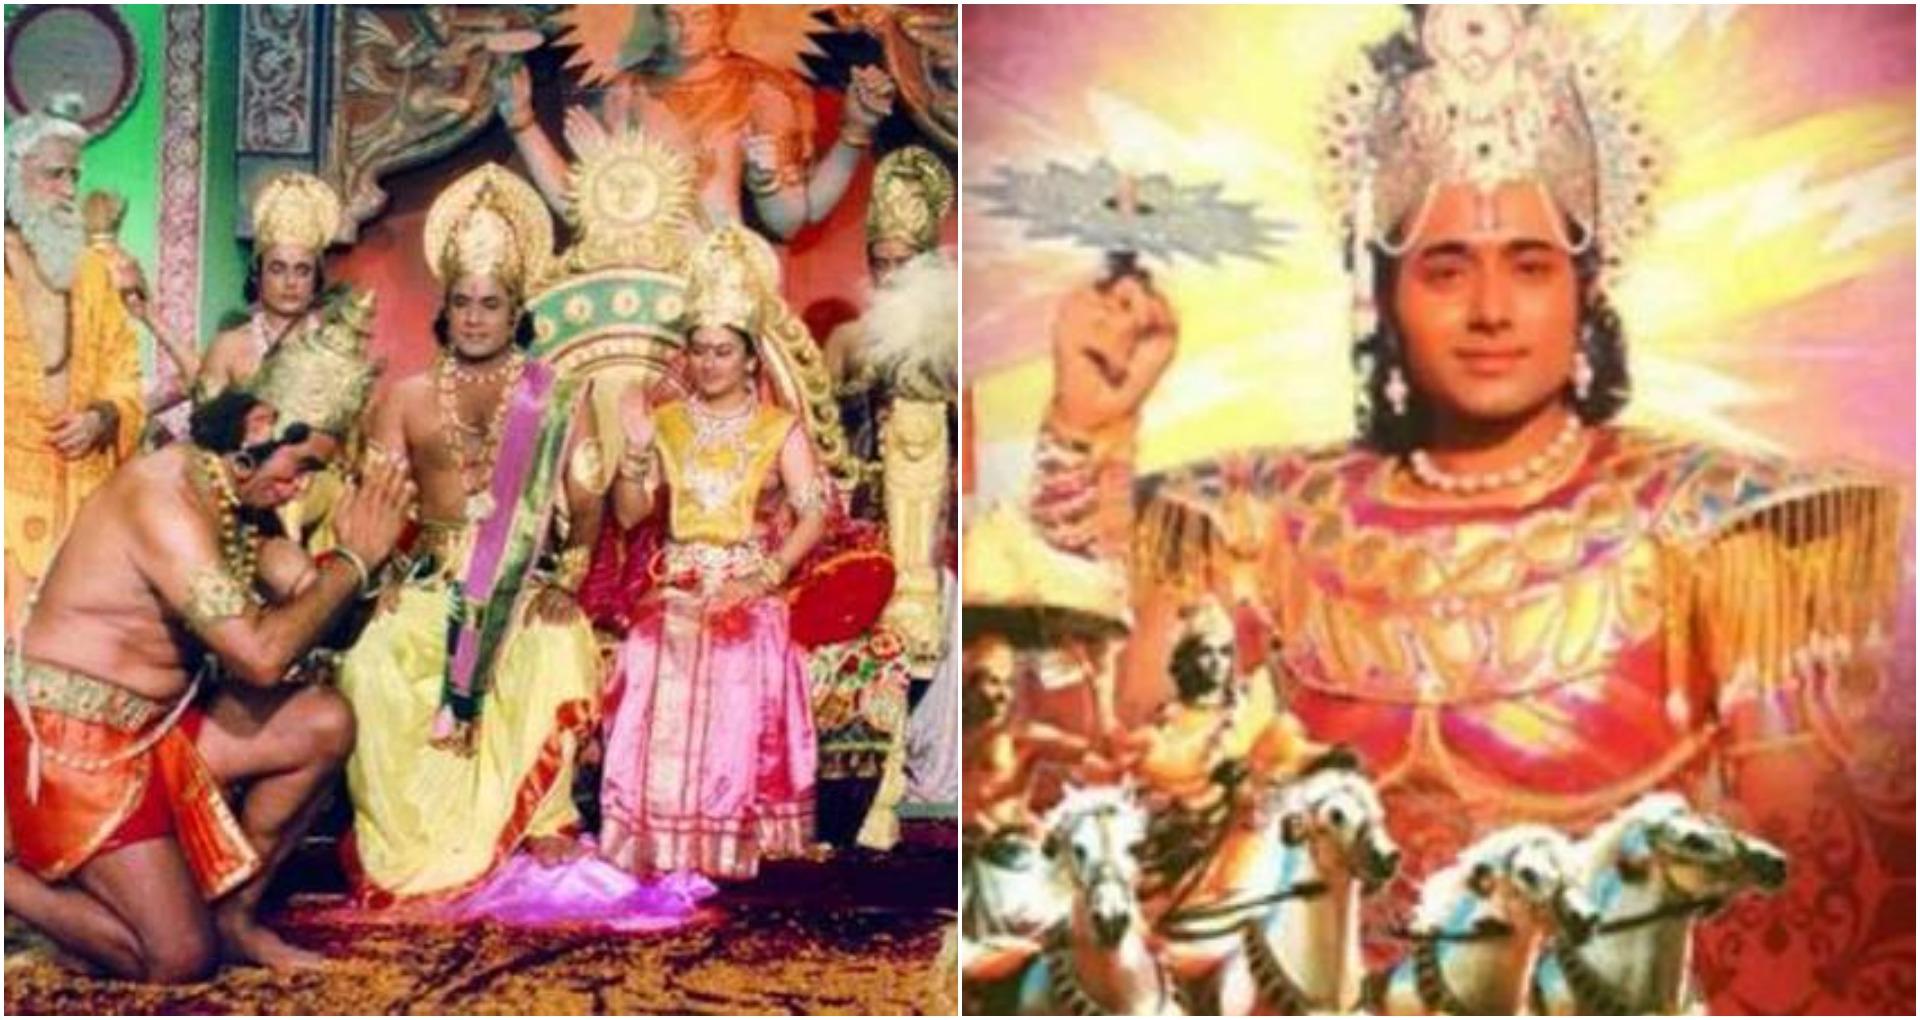 TRP में अब भी टॉप पर रामायण और महाभारत, शक्तिमान पिछड़ा अब TOP 5 में ये शो हुआ शामिल